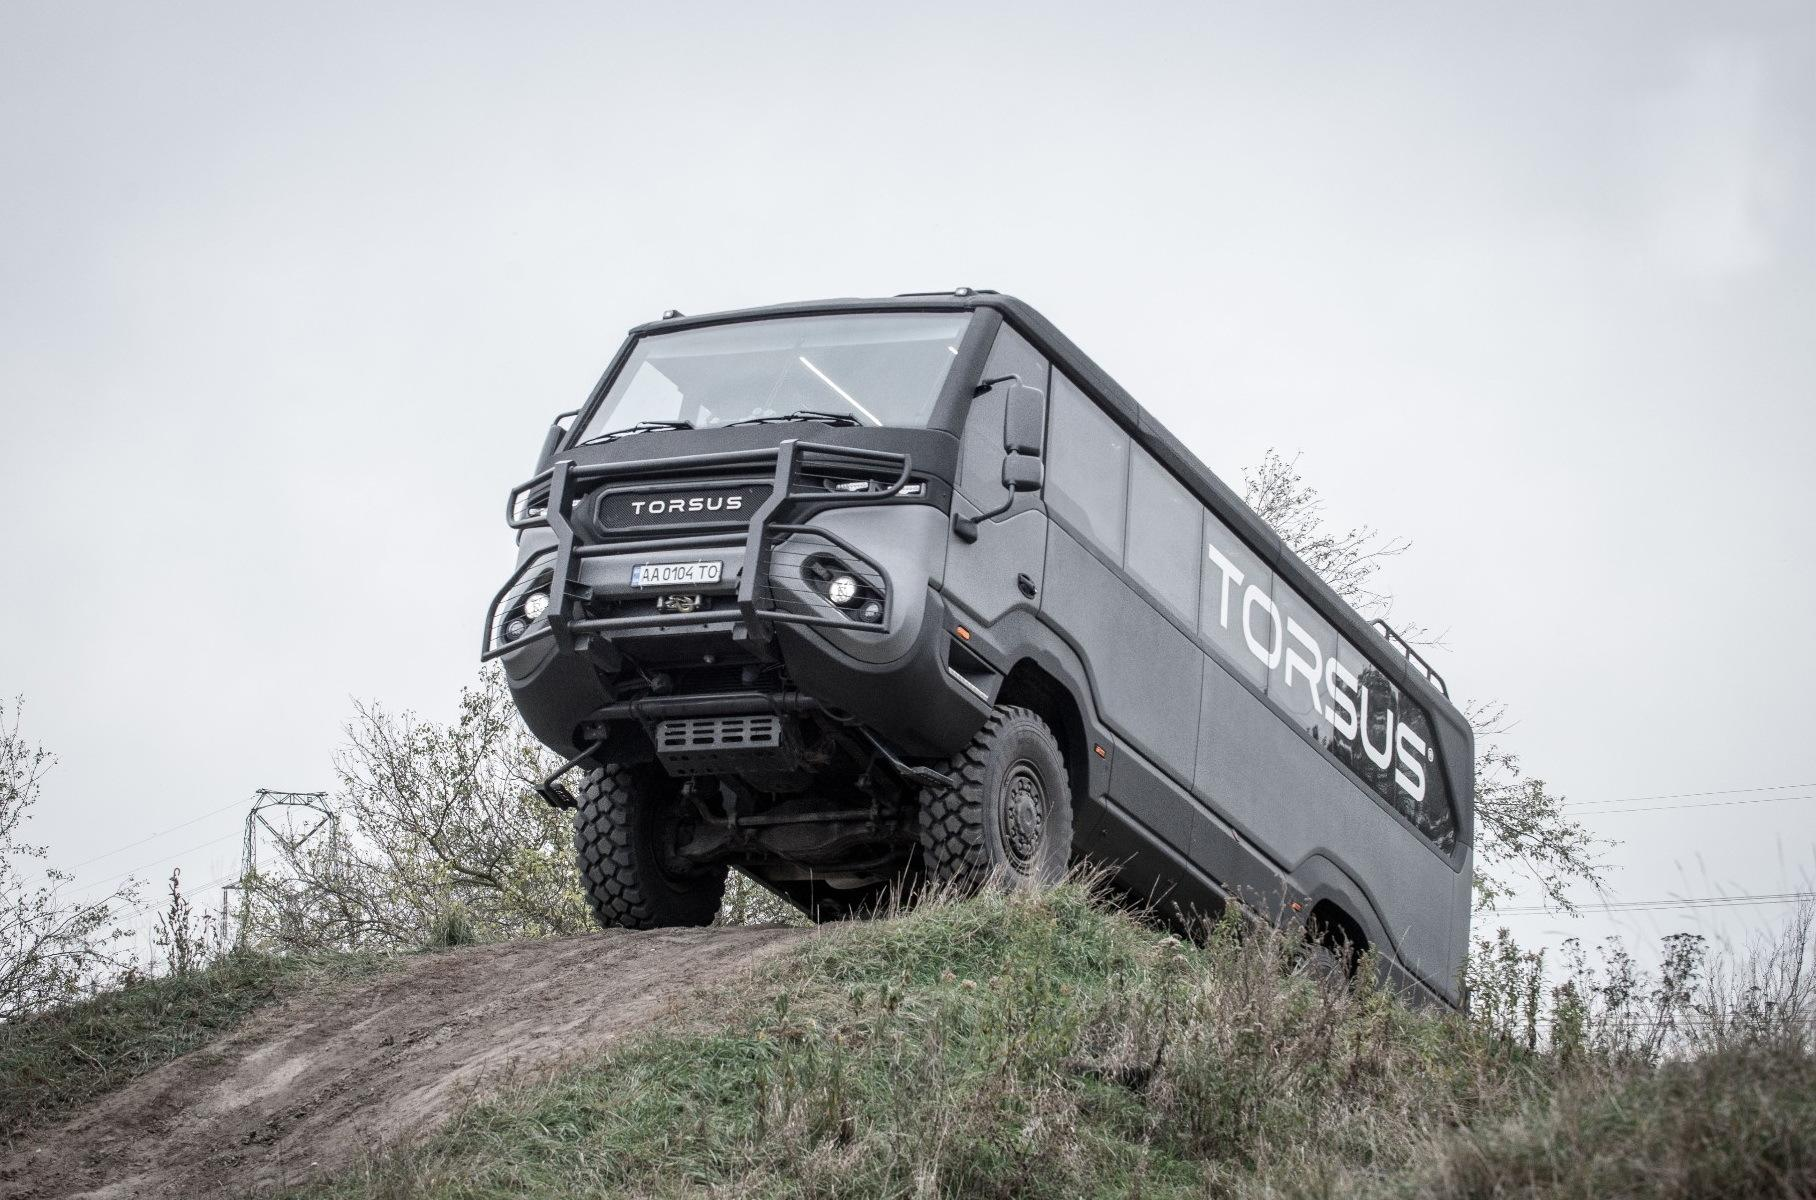 Украинский автобус Torsus Praetorian награжден за дизайн и инновации